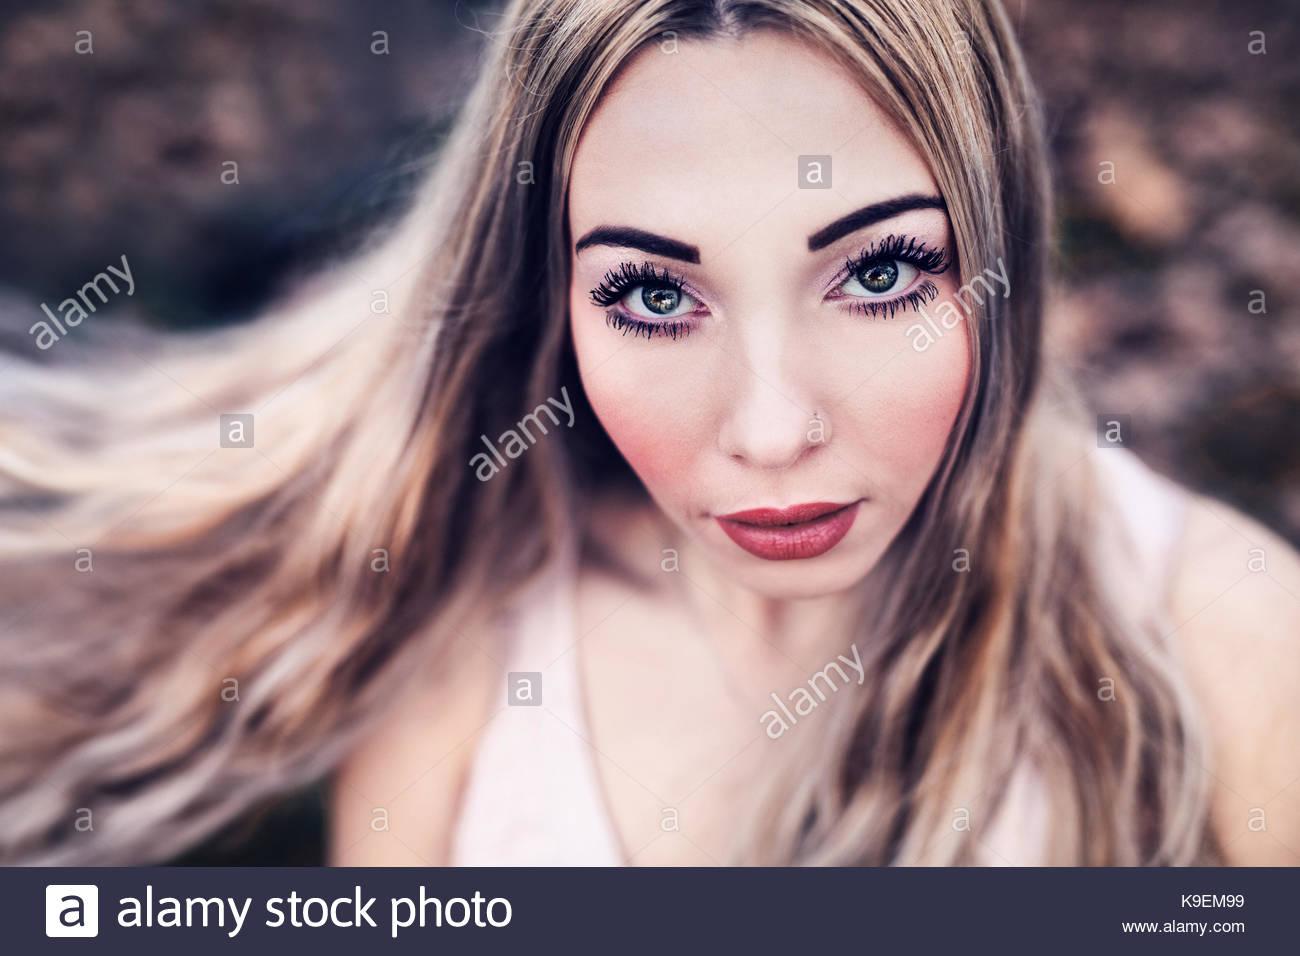 Modèle russe à regarder la caméra. Les yeux bleu-vert, cheveux blonds, lèvres rouge Banque D'Images